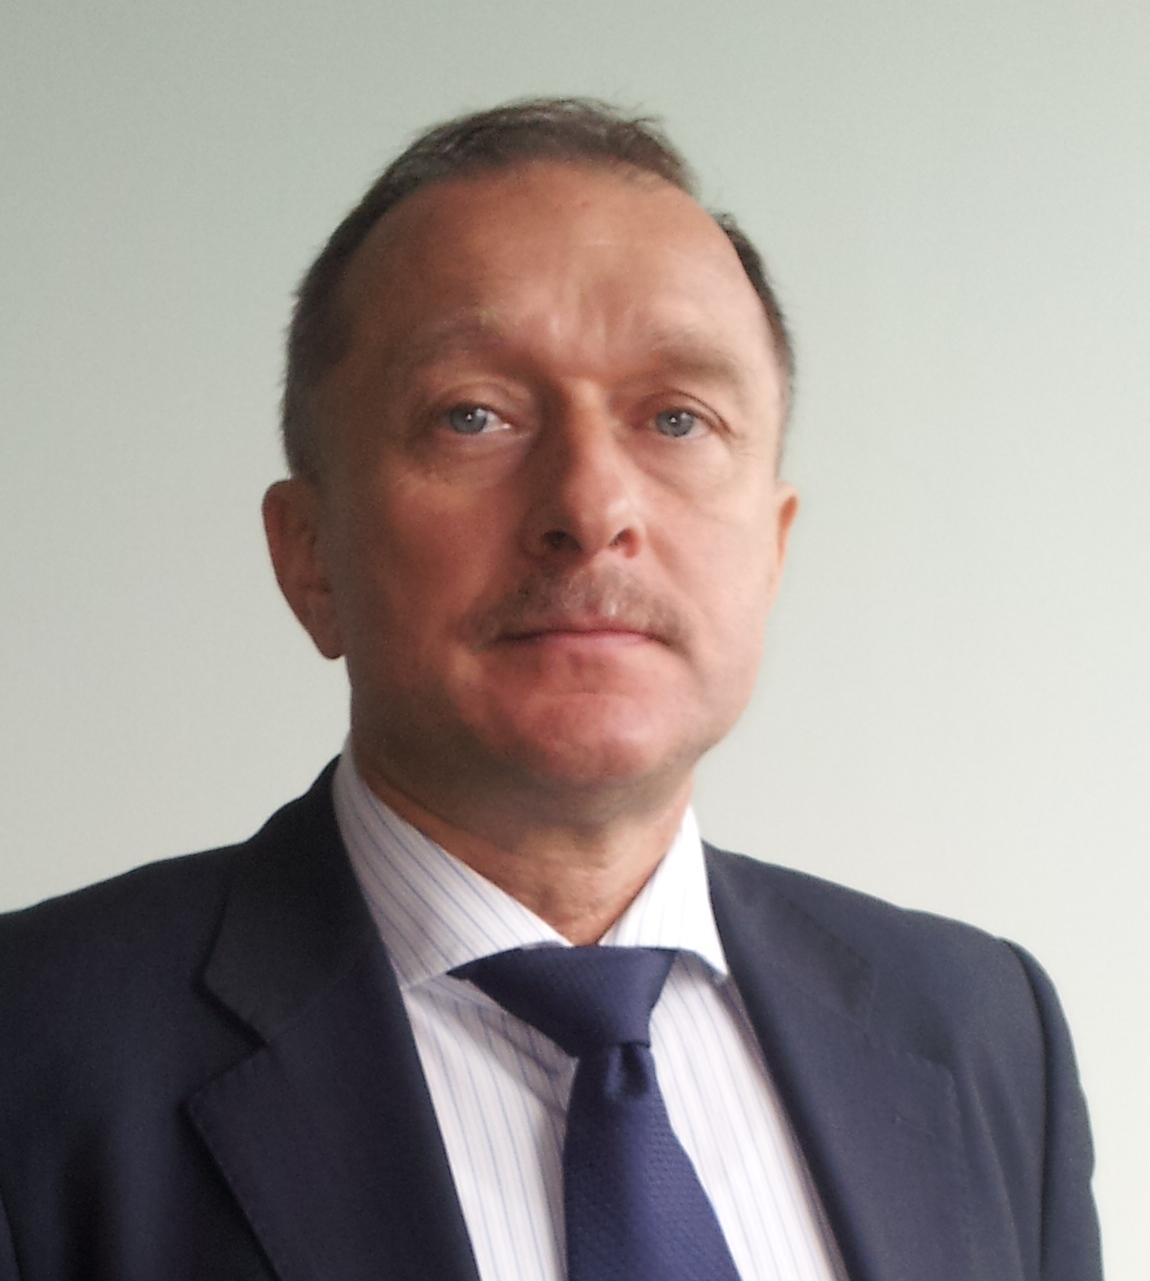 Grzegorz Brzoskowski